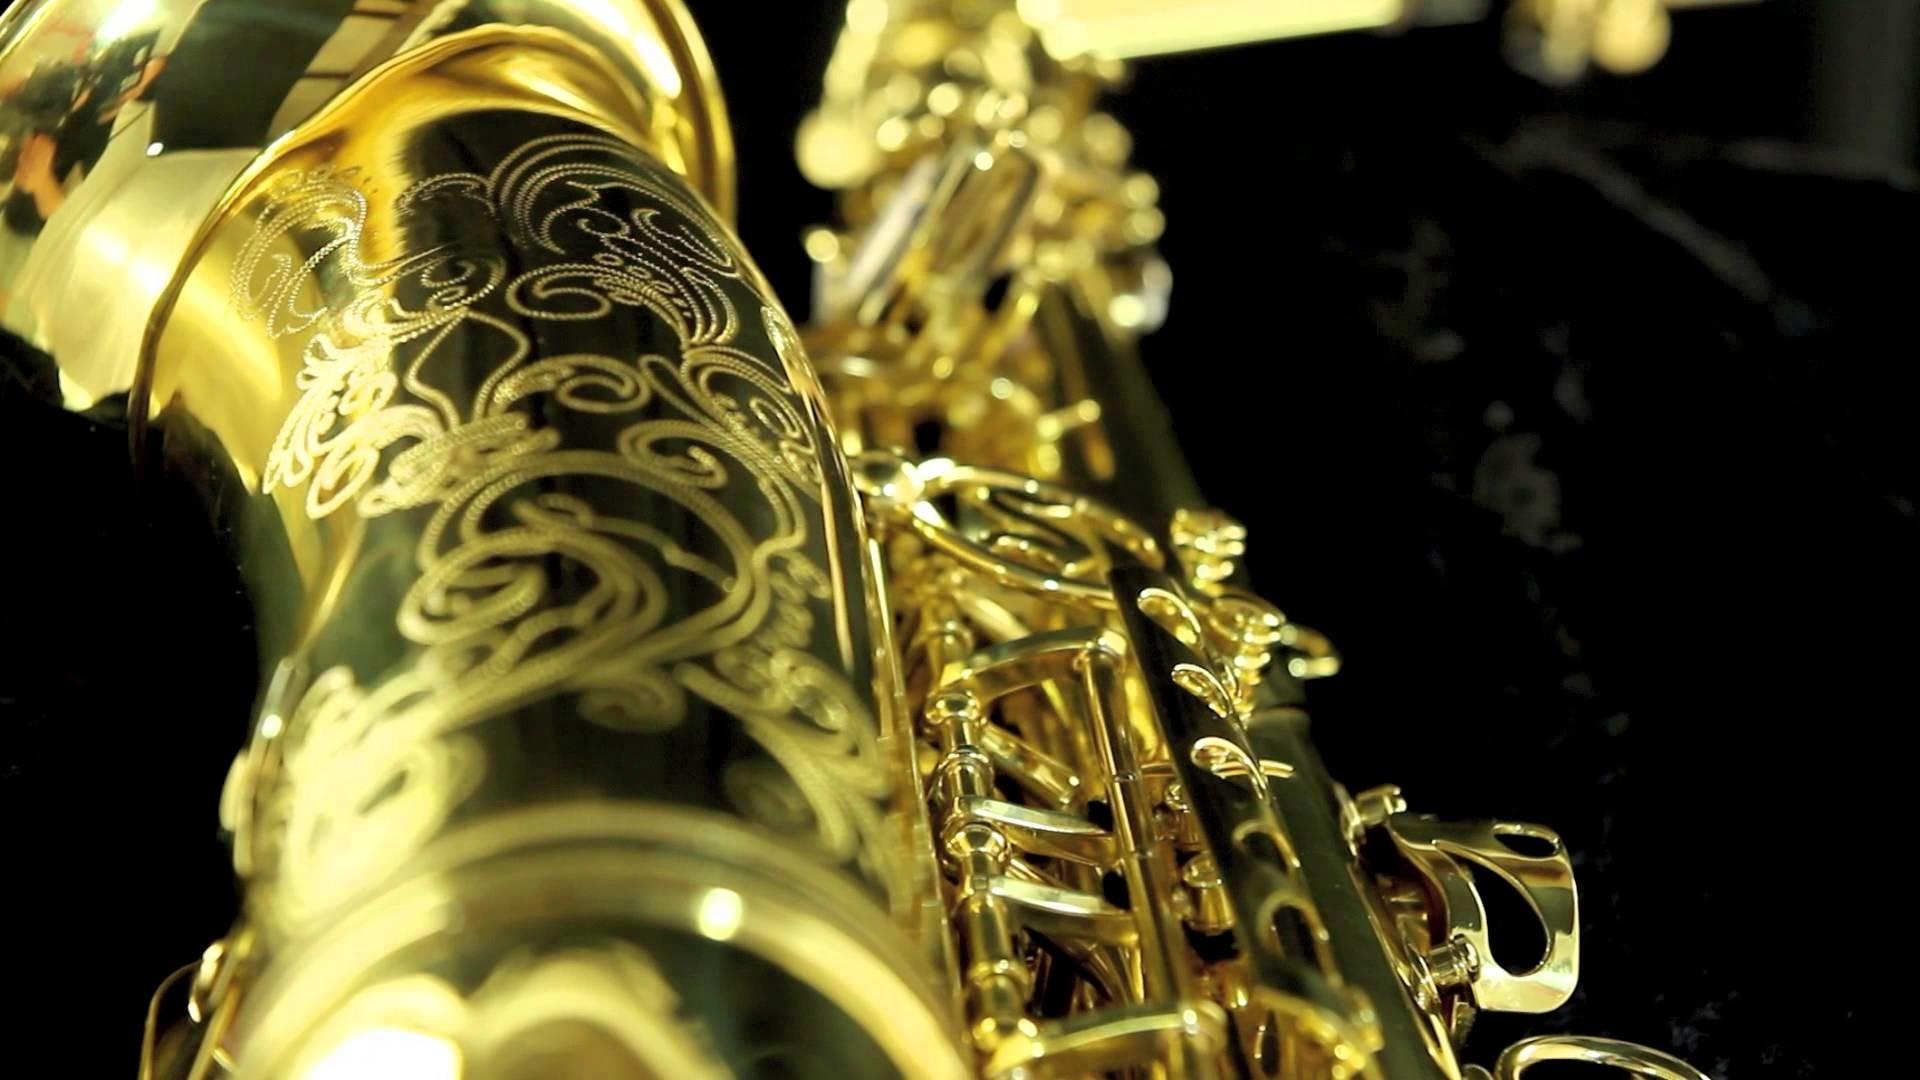 1920x1080 Alto Saxophone Wallpaper alto saxophone wallpaper eight 742 techpix Yamaha Alto Saxophone Wallpaper